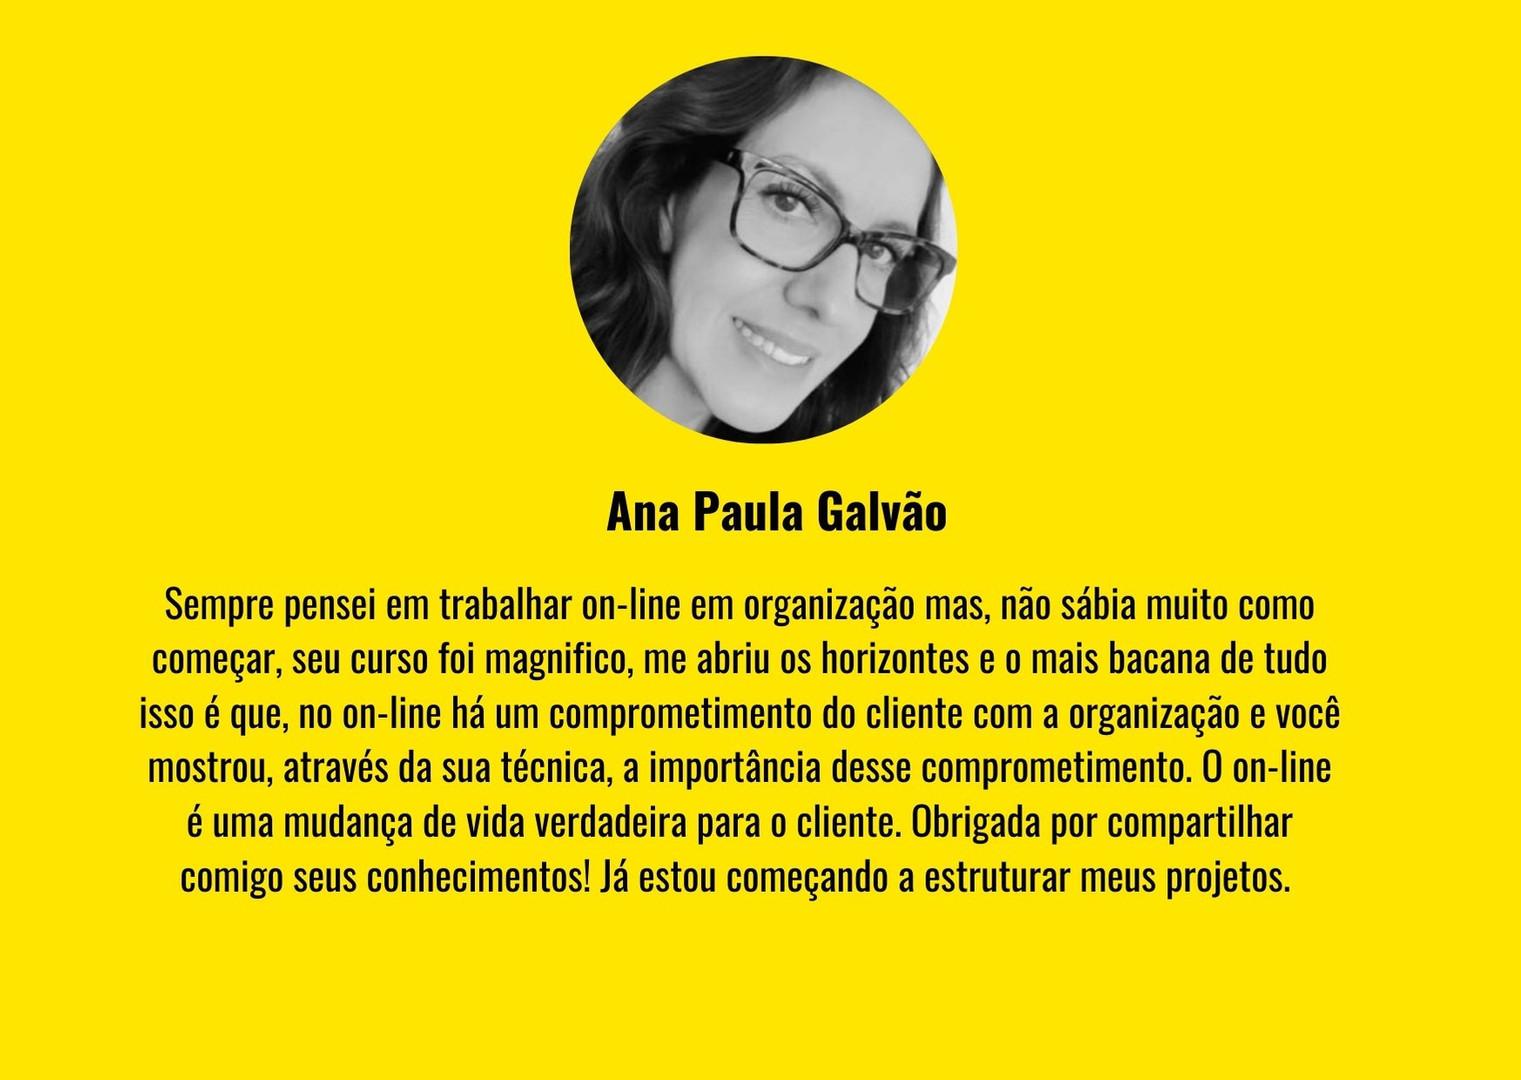 Ana Paula Galvão